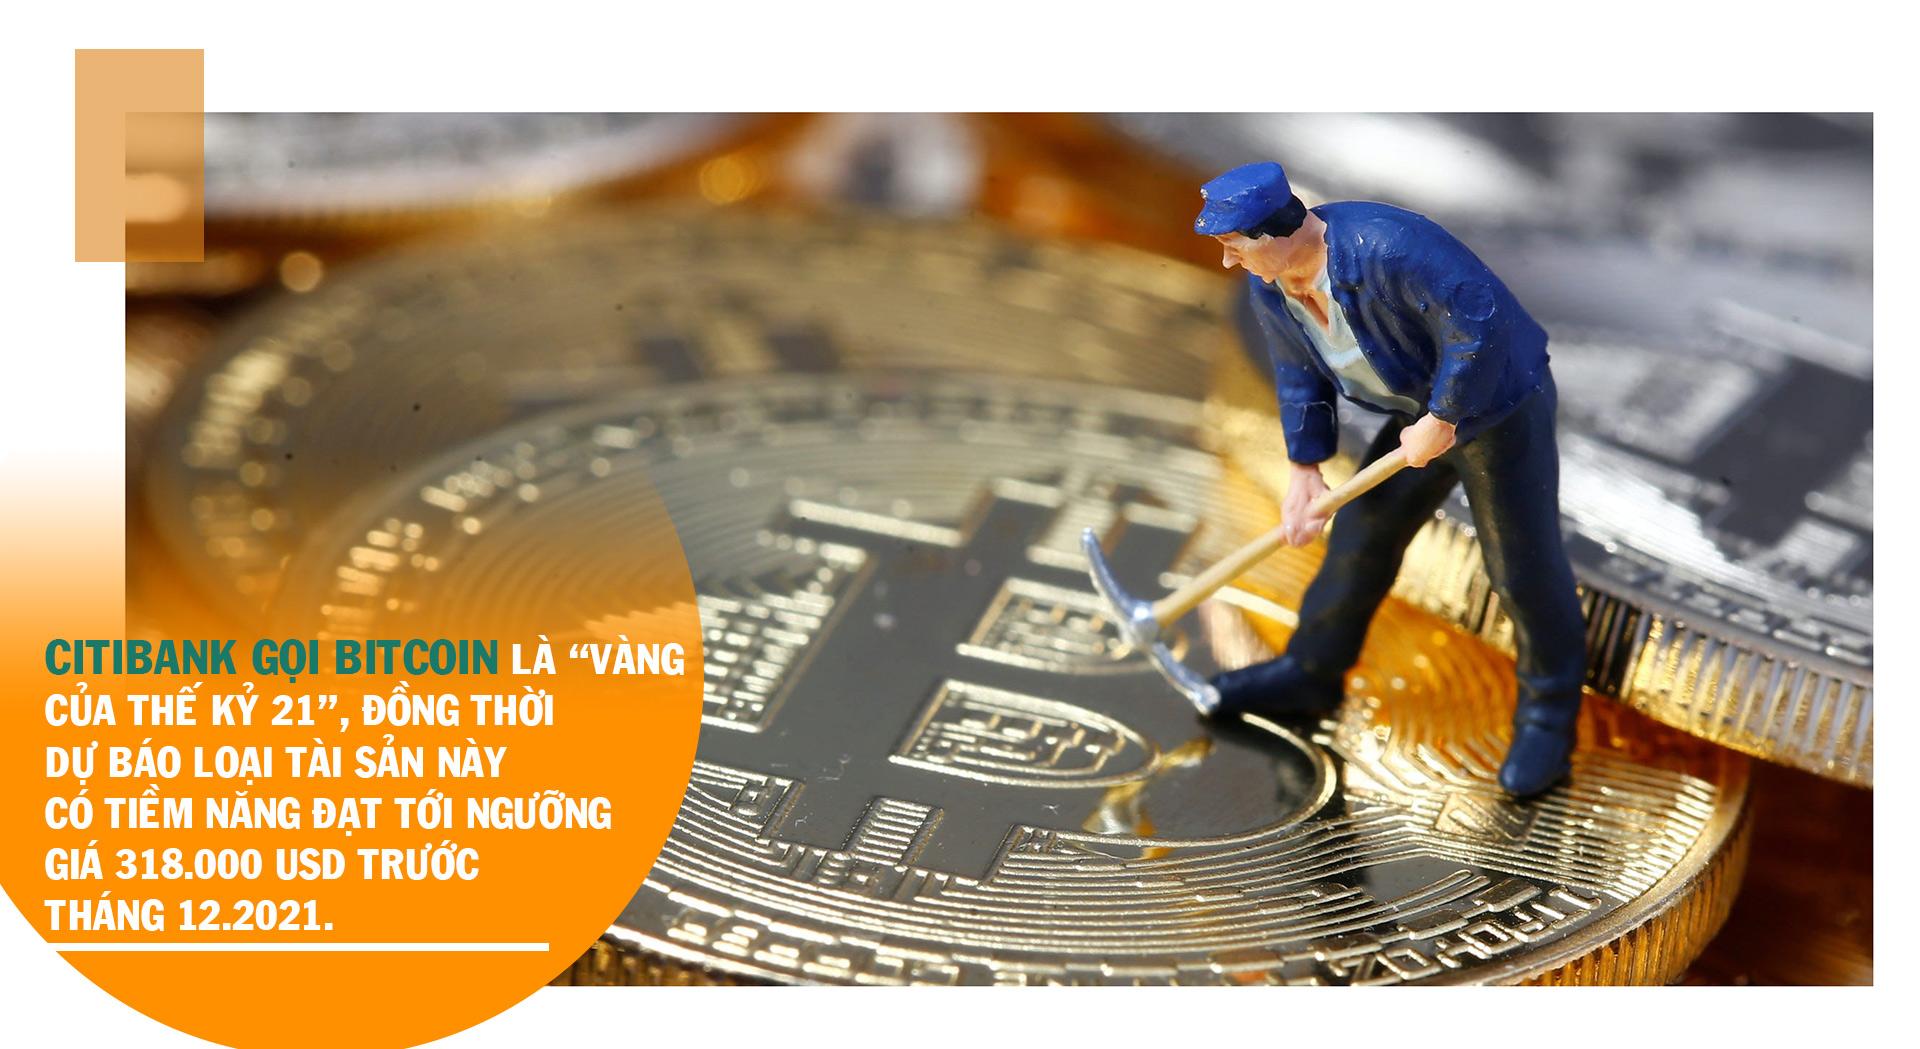 """Tiền ảo Bitcoin: Khi giá """"nhảy khỏi cửa sổ"""" và rơi tự do - 11"""